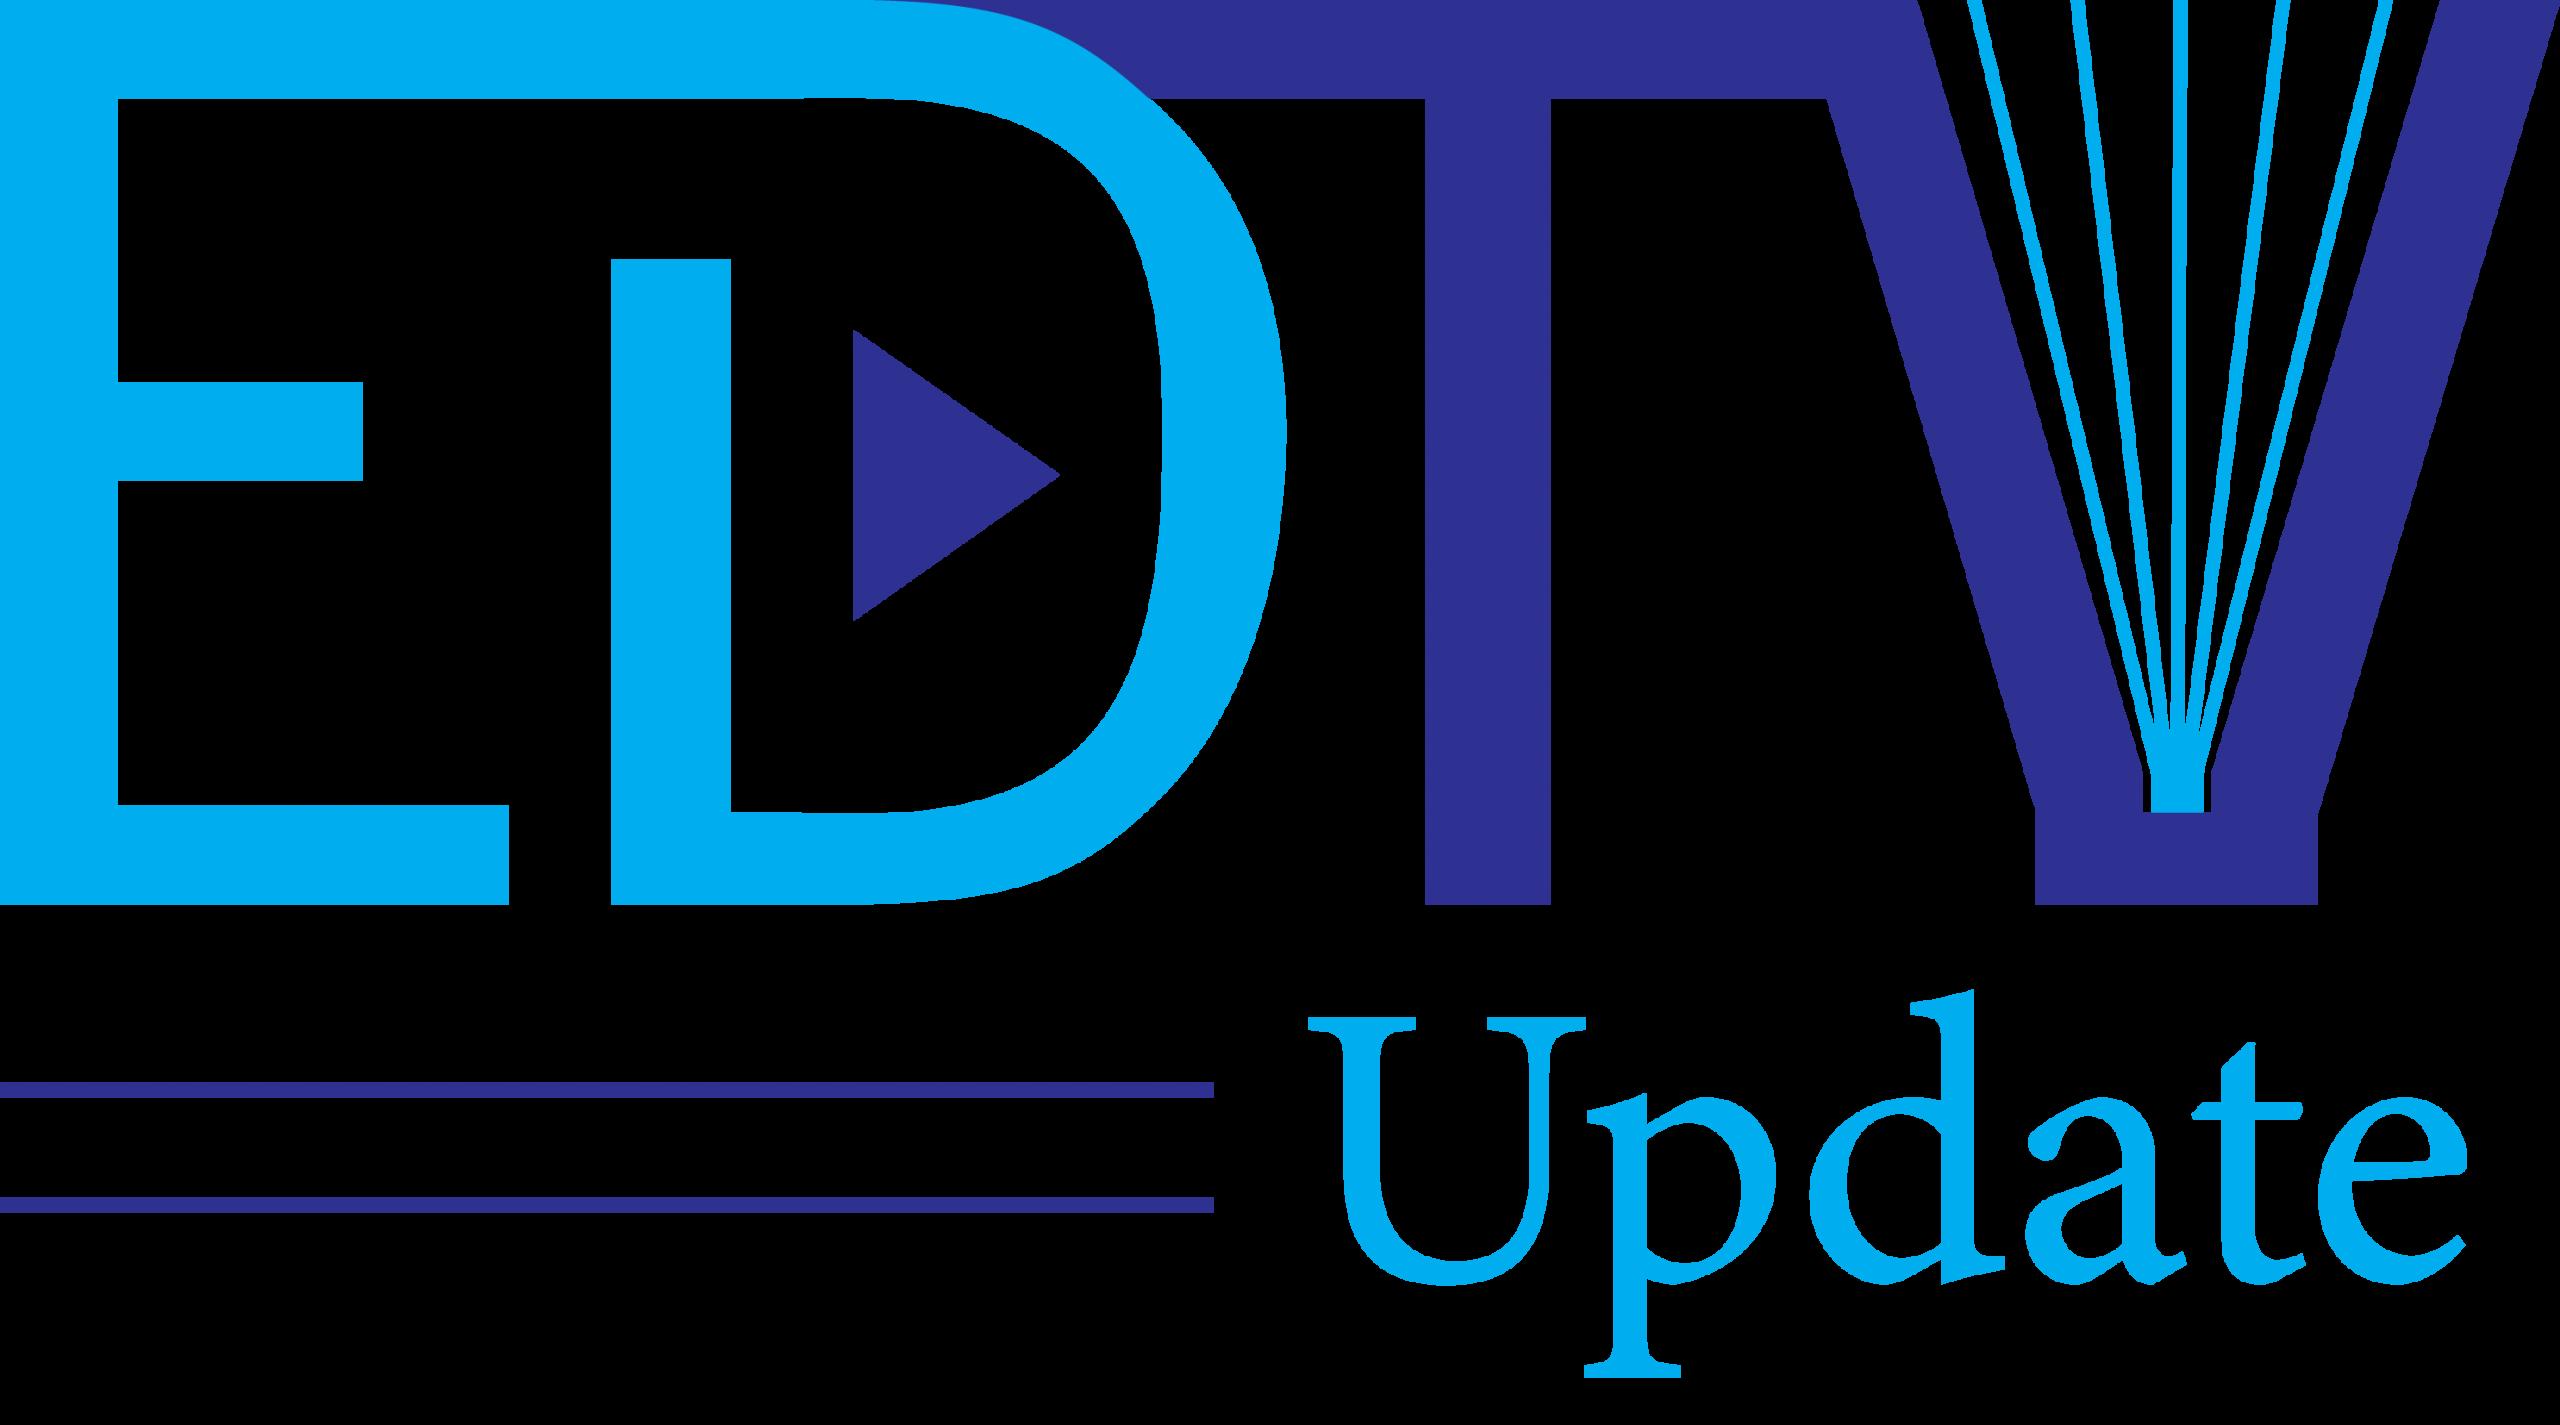 edtv_update_logo